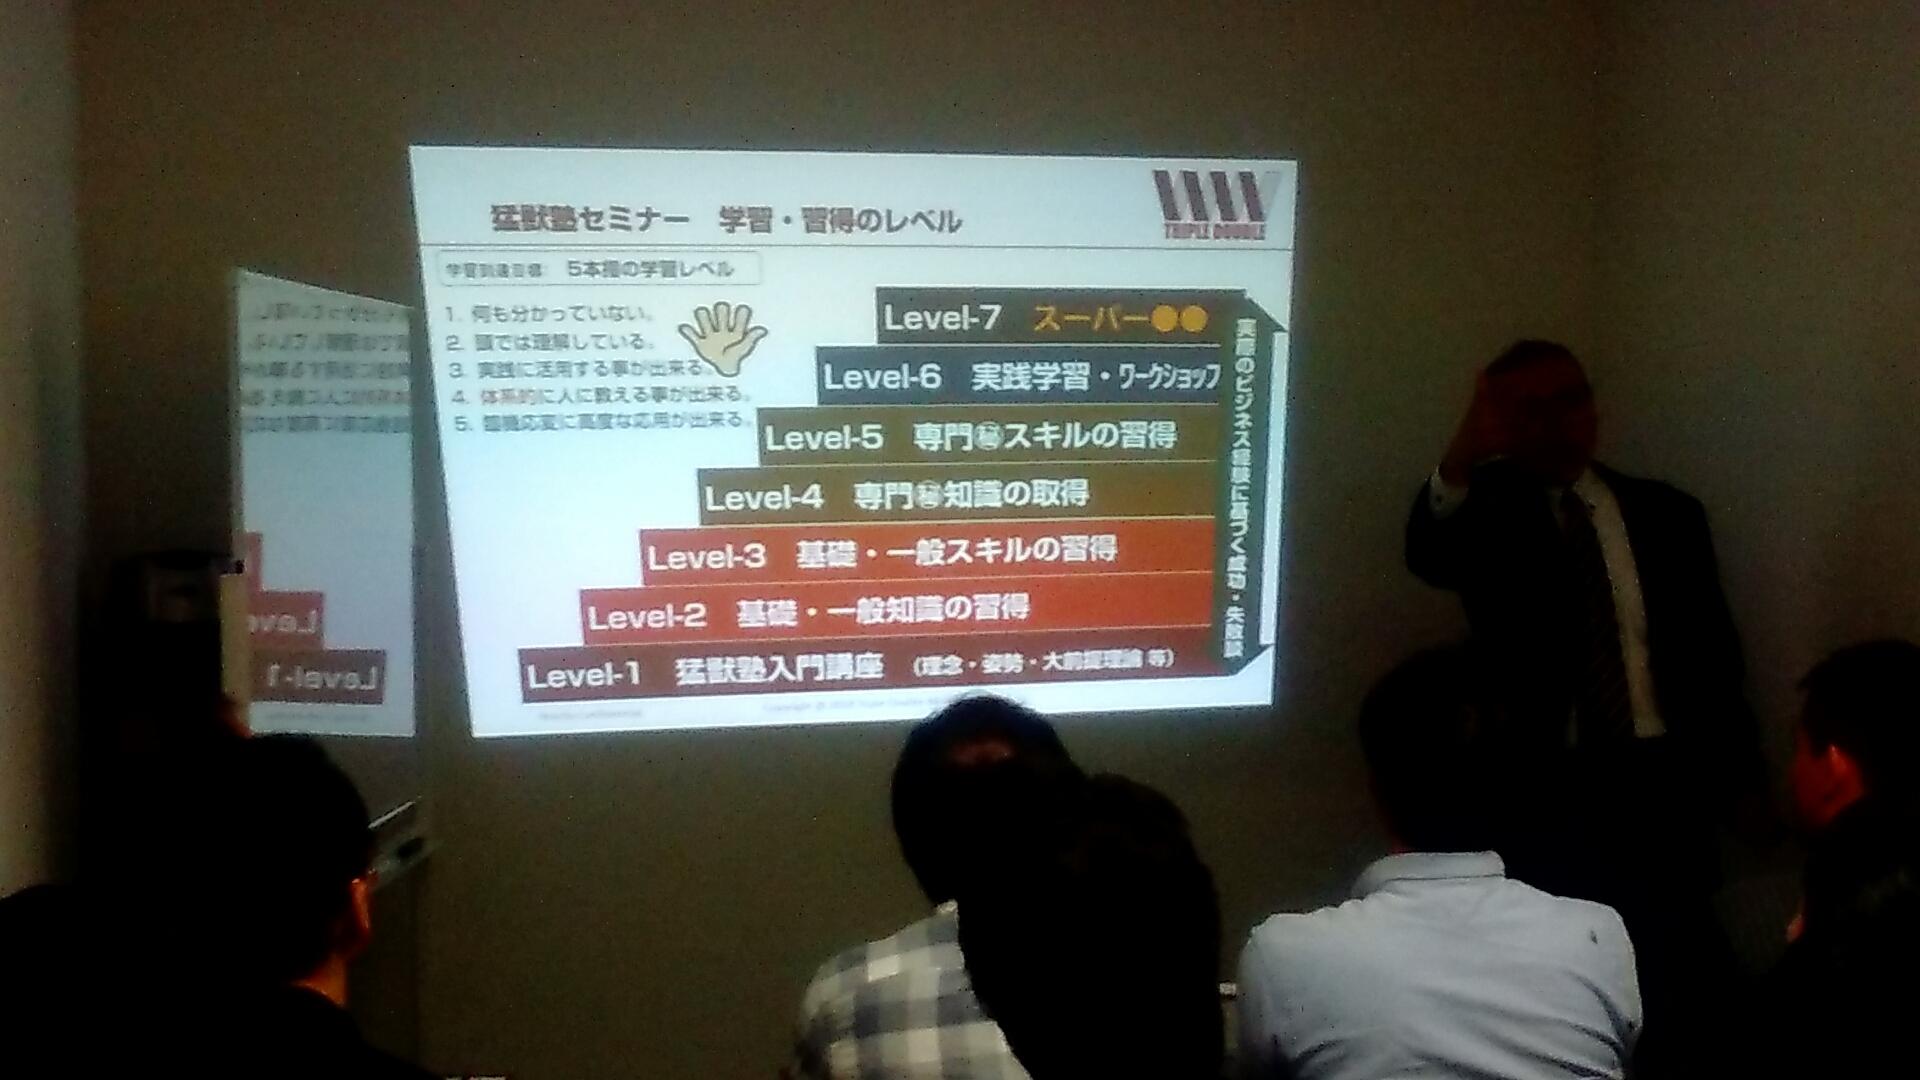 20180614212001 - 猛獣塾入門講座大阪開催